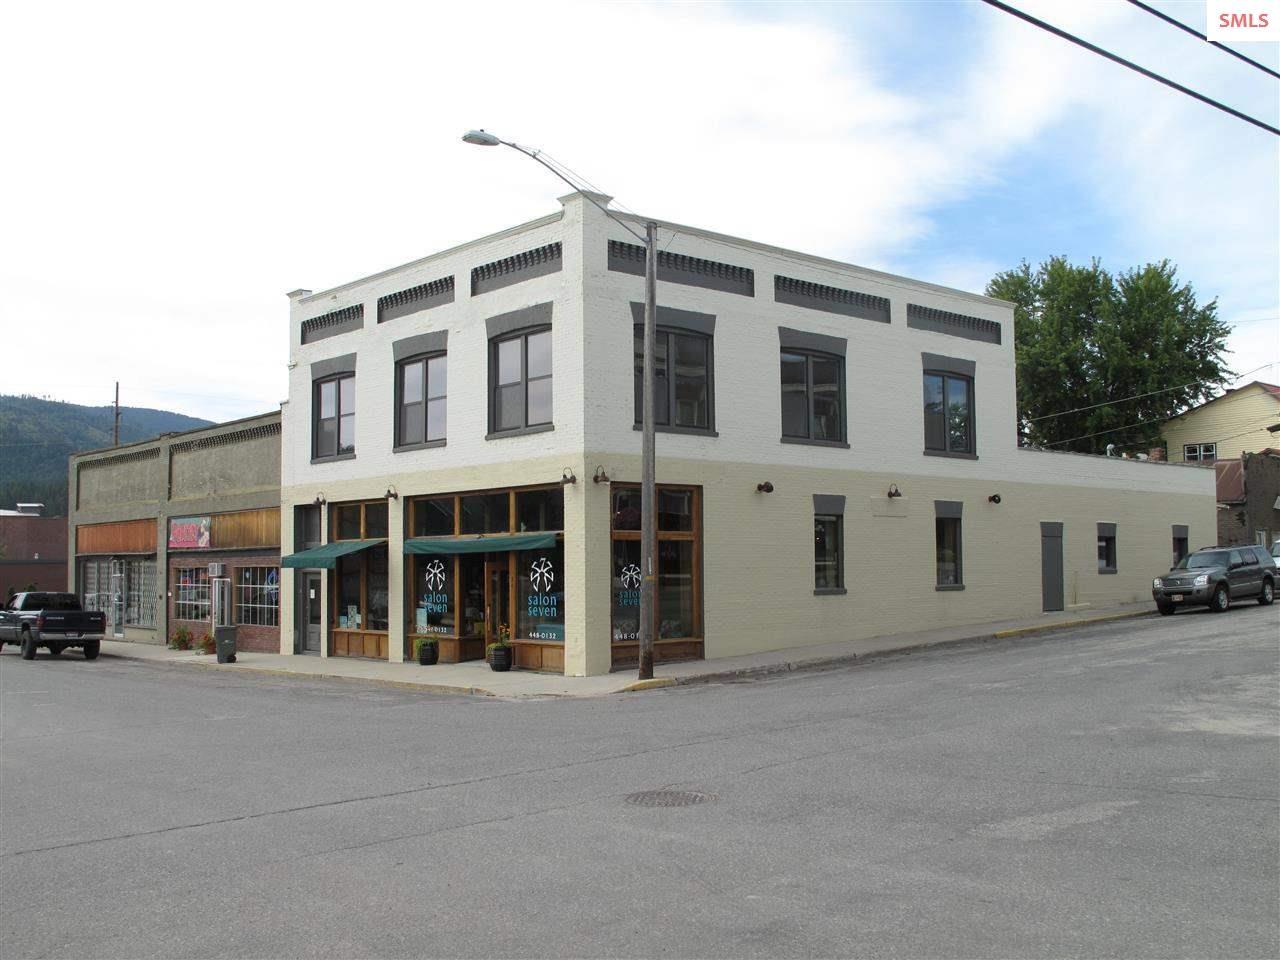 74 Main St, Priest River, ID 83856